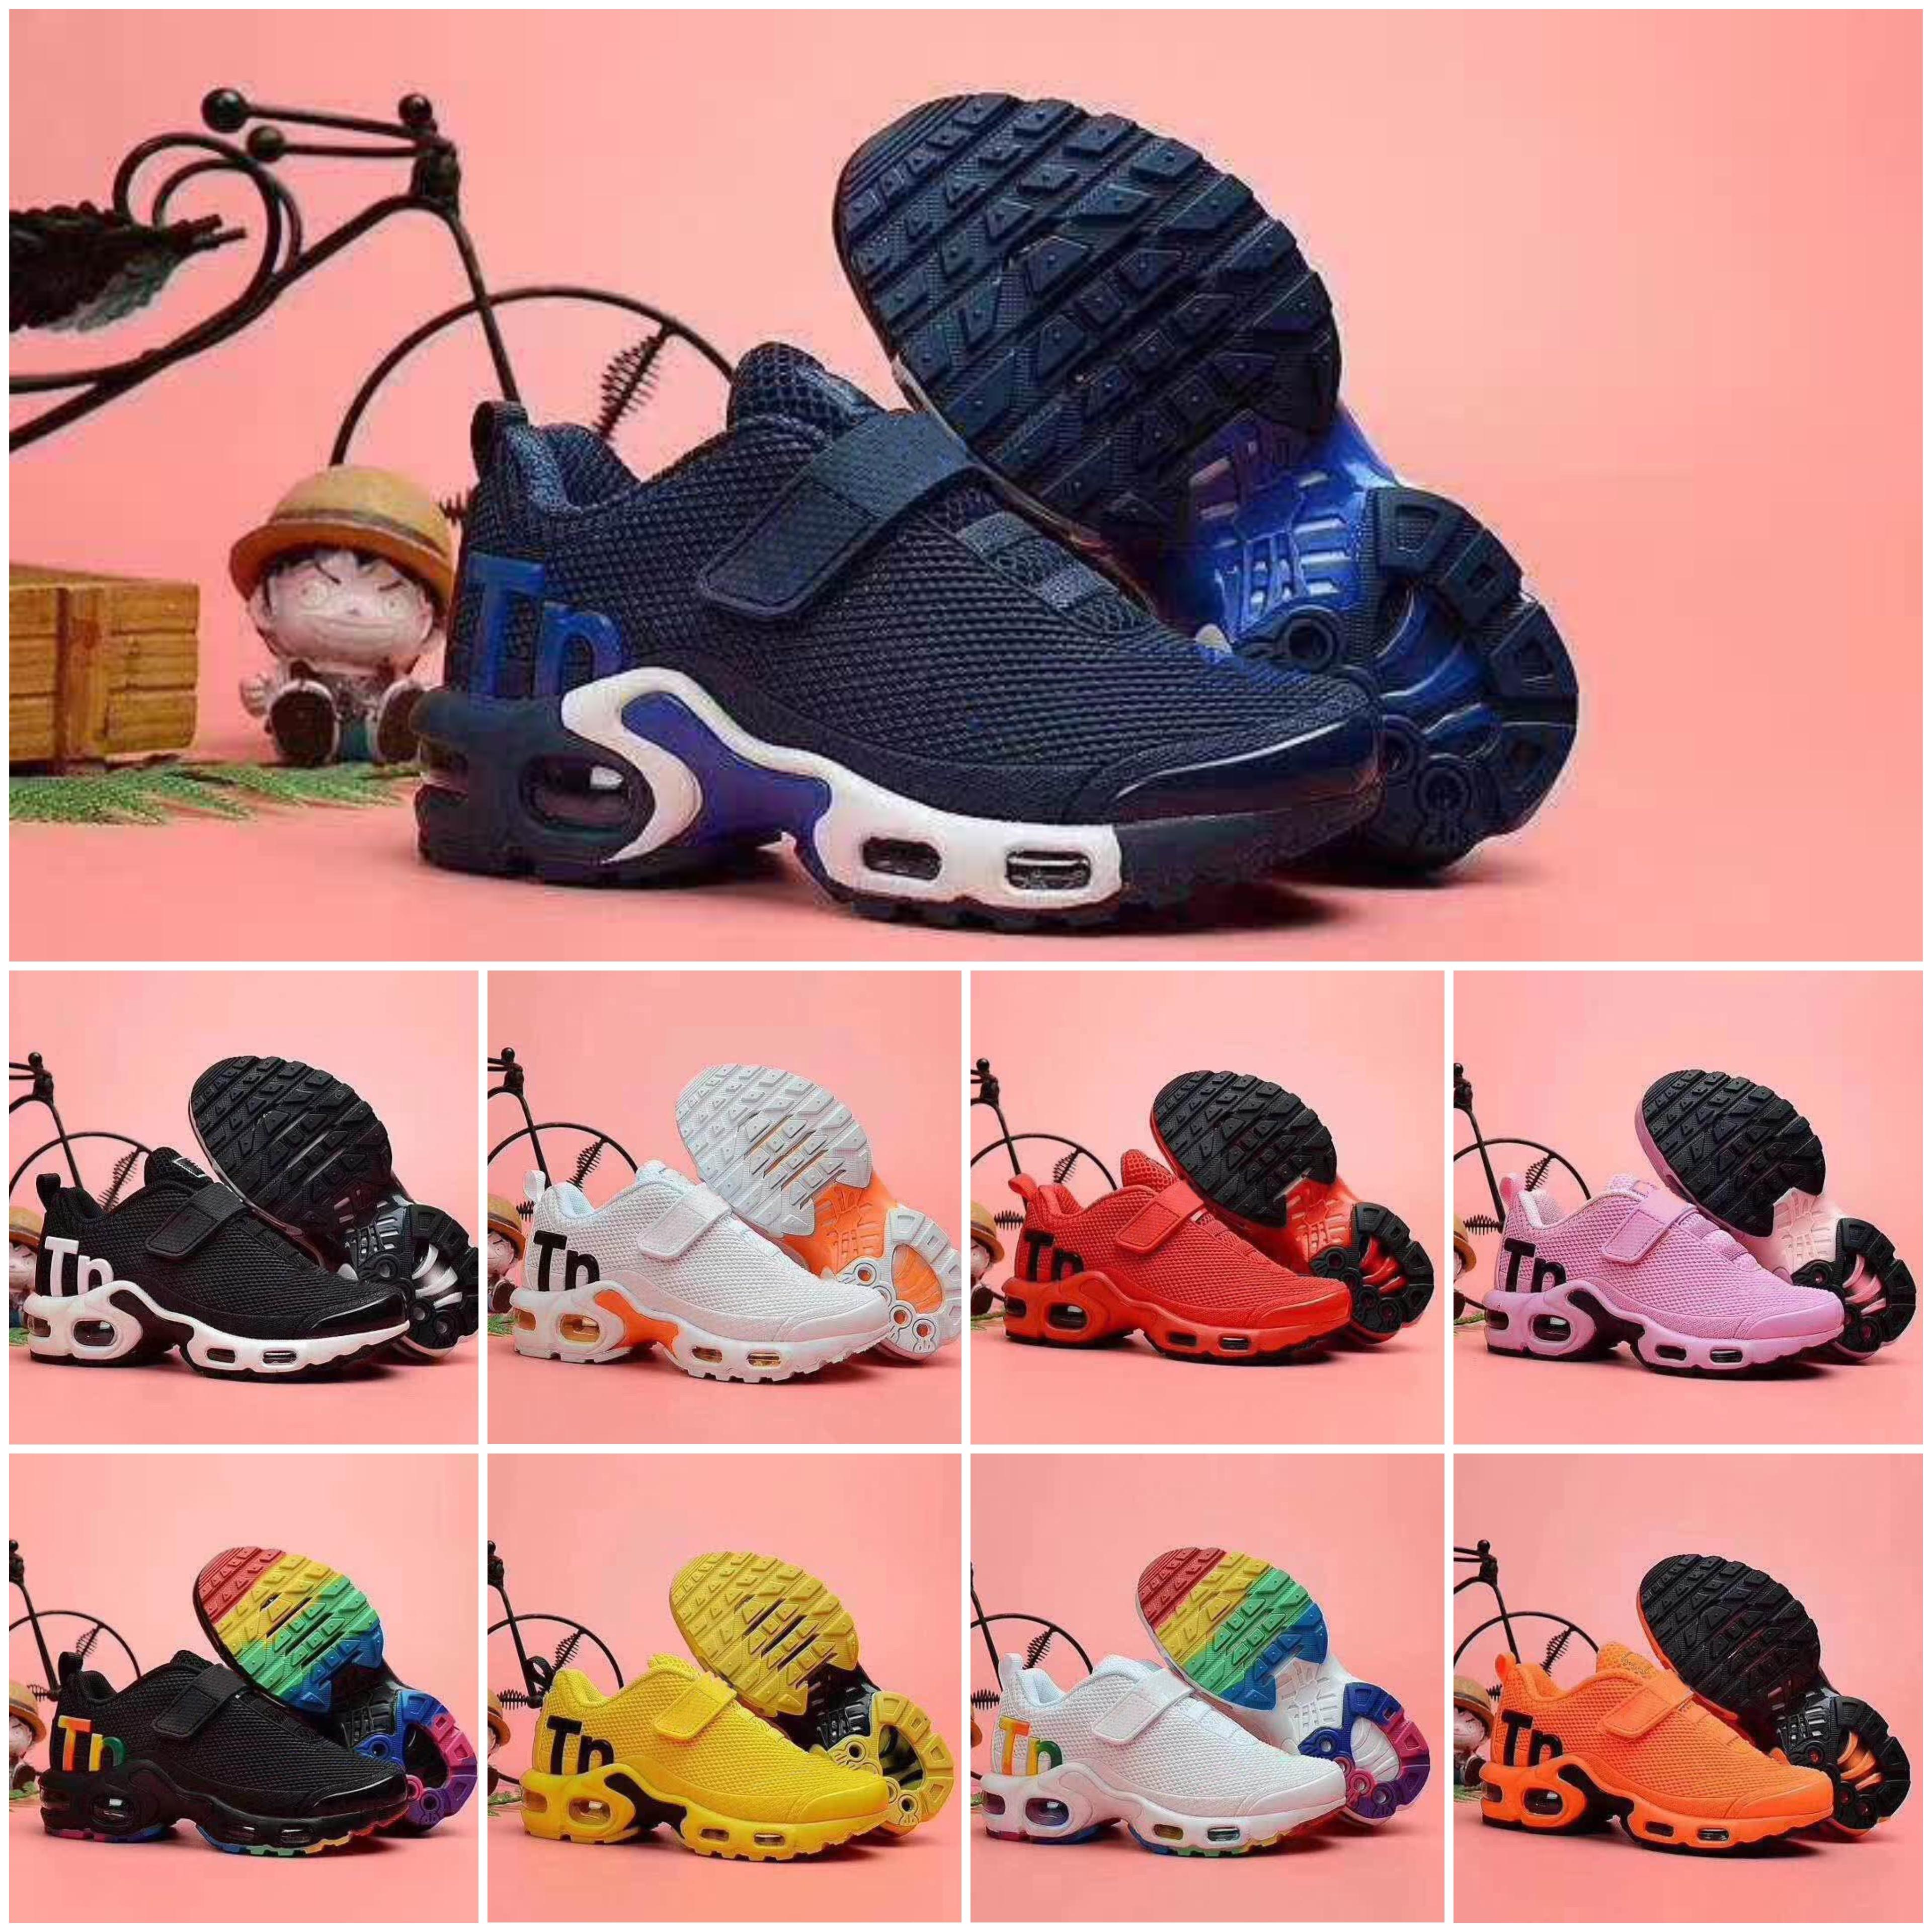 Nike Air TN Plus vendita calda 2020 bambini bambino più tn ragazzo scarpa ragazza Per i bambini classico padre-figlio atletica mix all'aperto sneaker scarpe casual nere